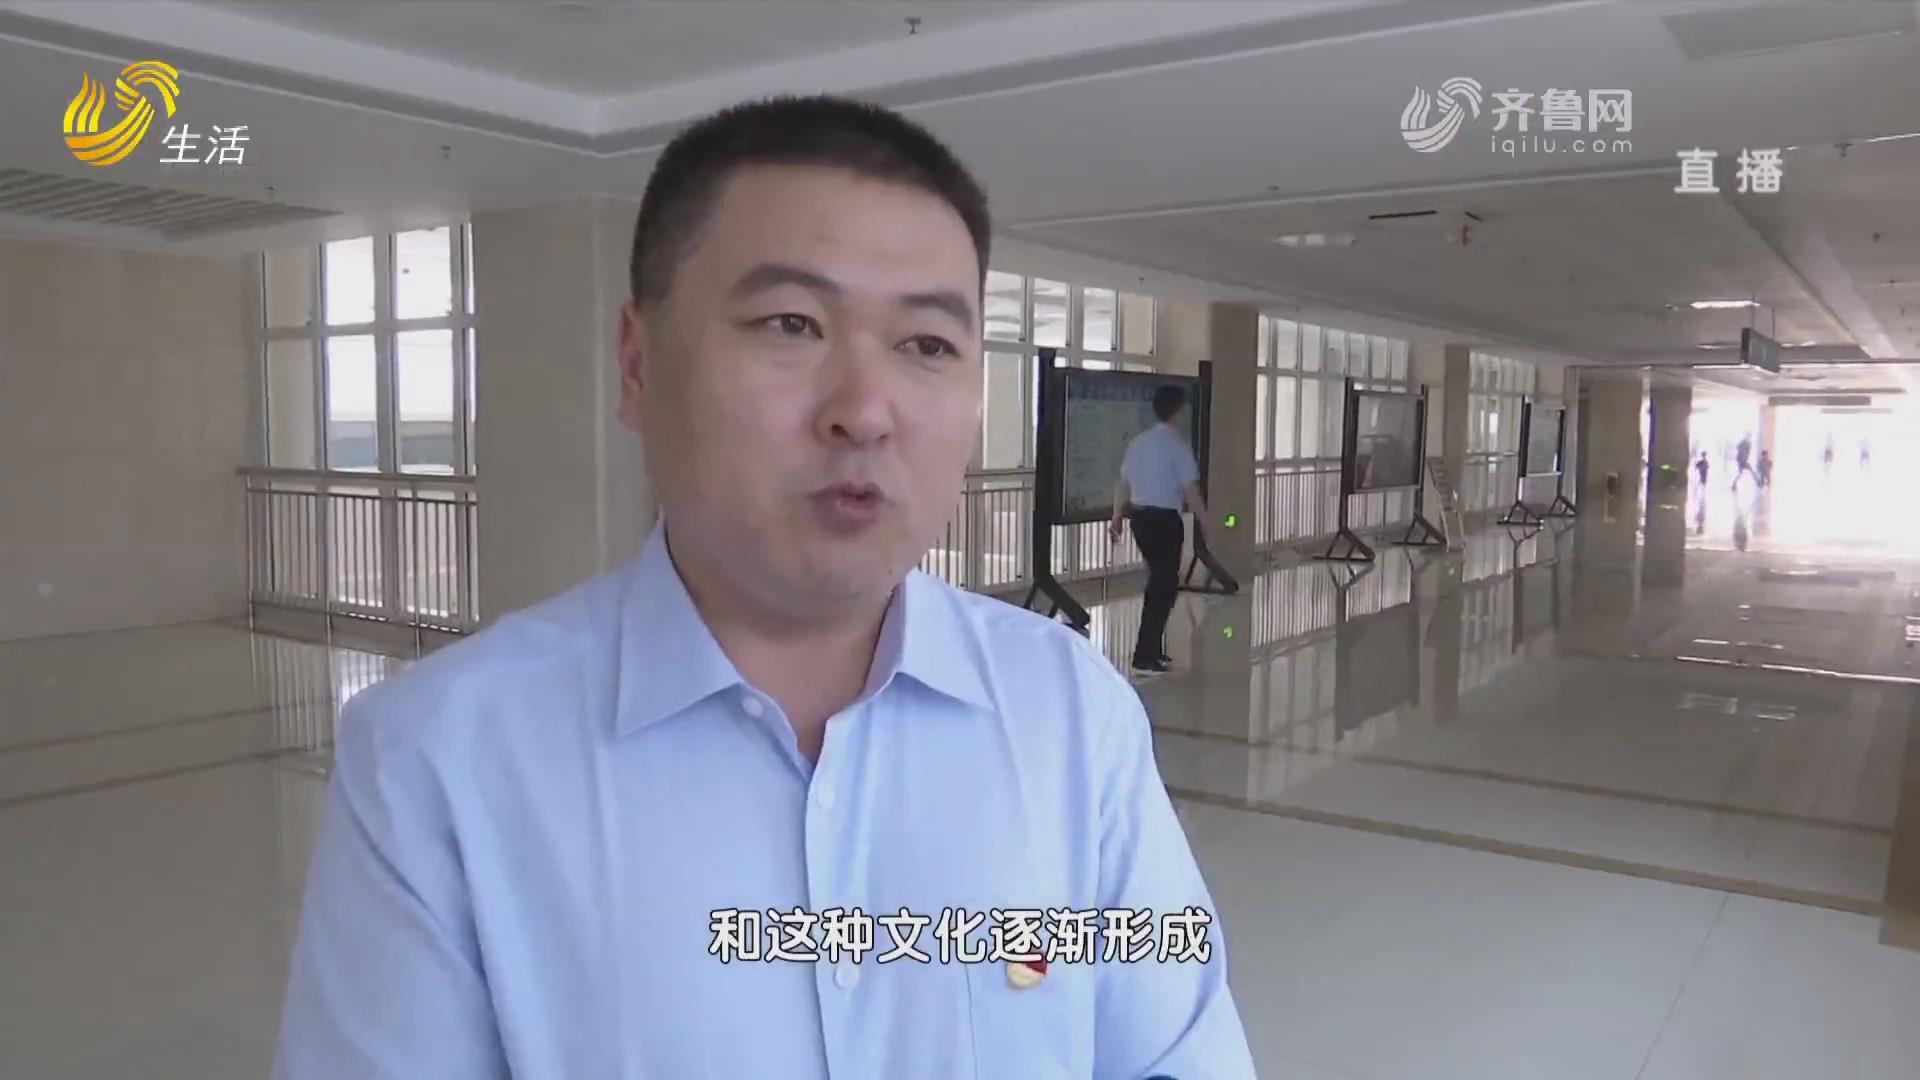 """莒县人民医院召开8S精益管理阶段总结表彰会 8S精益管理喜迎""""中考"""""""